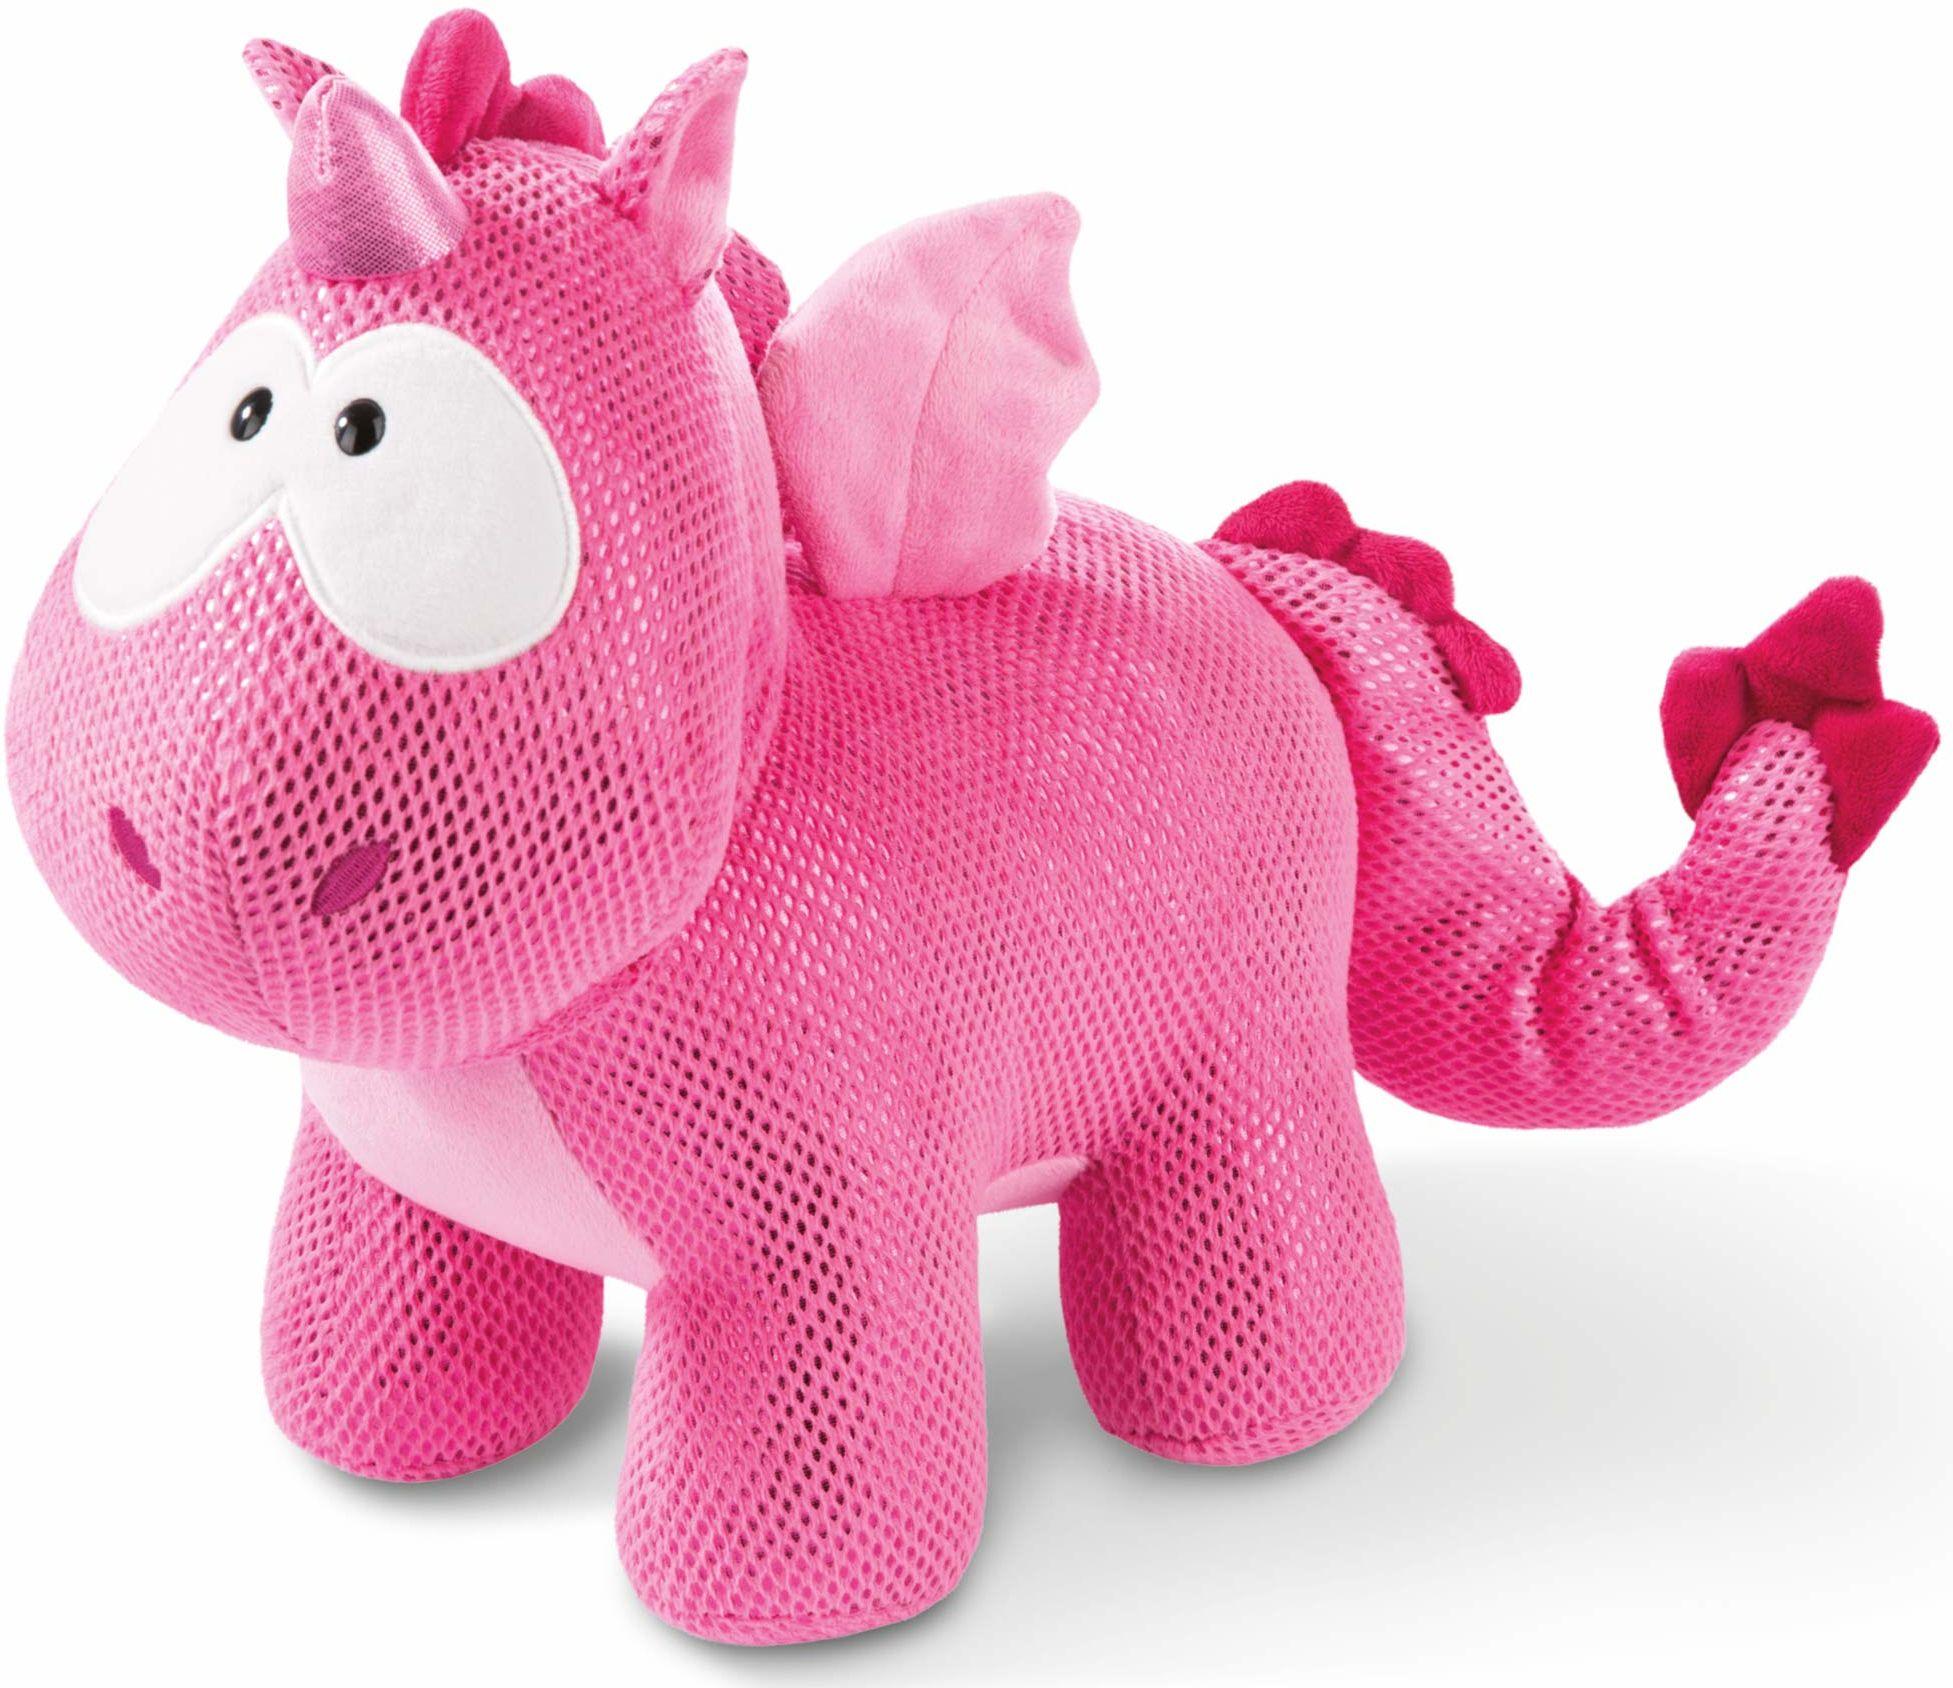 Nici 45698 przytulny smok rubin de la Rosa, miękka zabawka jednorożec miś, 32 cm, różowy